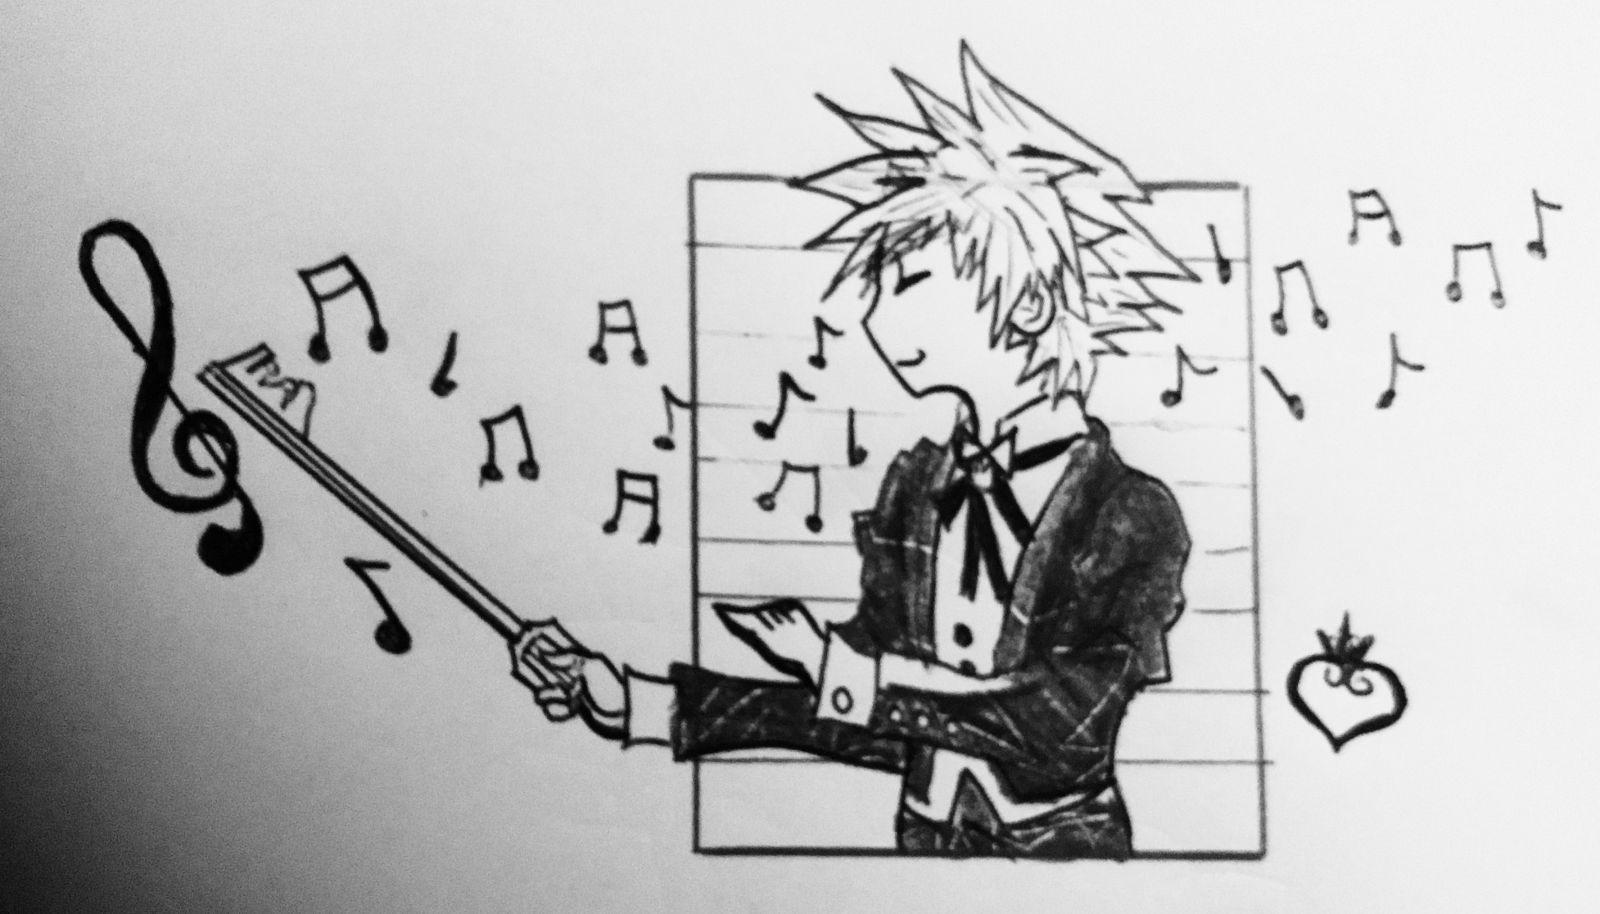 Sora (Orchestra Attire)